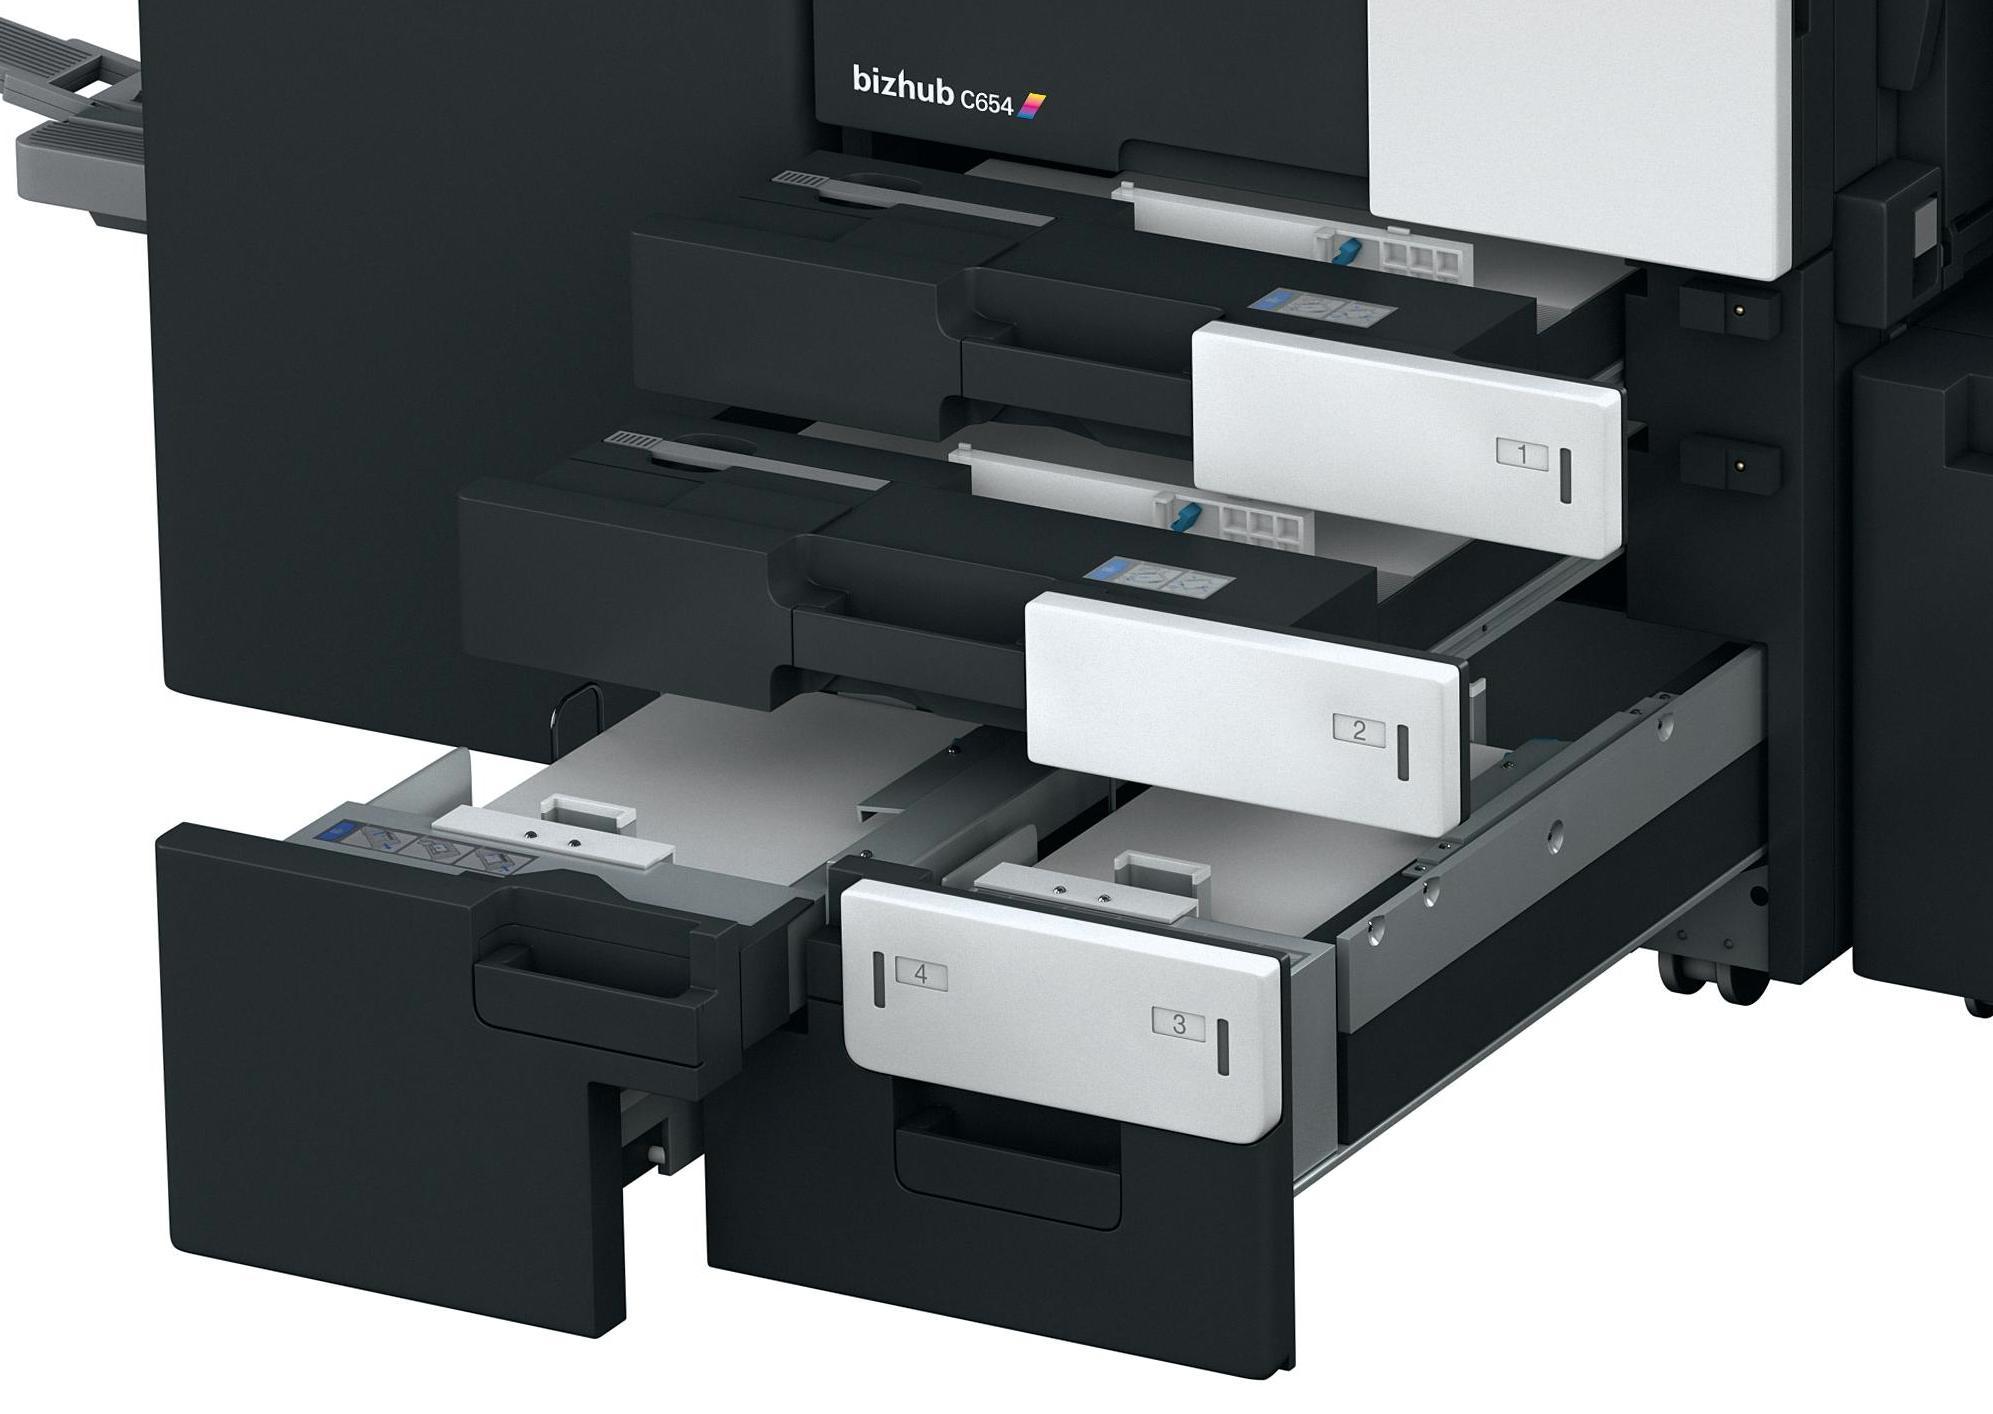 Konica Minolta Bizhub C654E Color Copier Printer Scanner